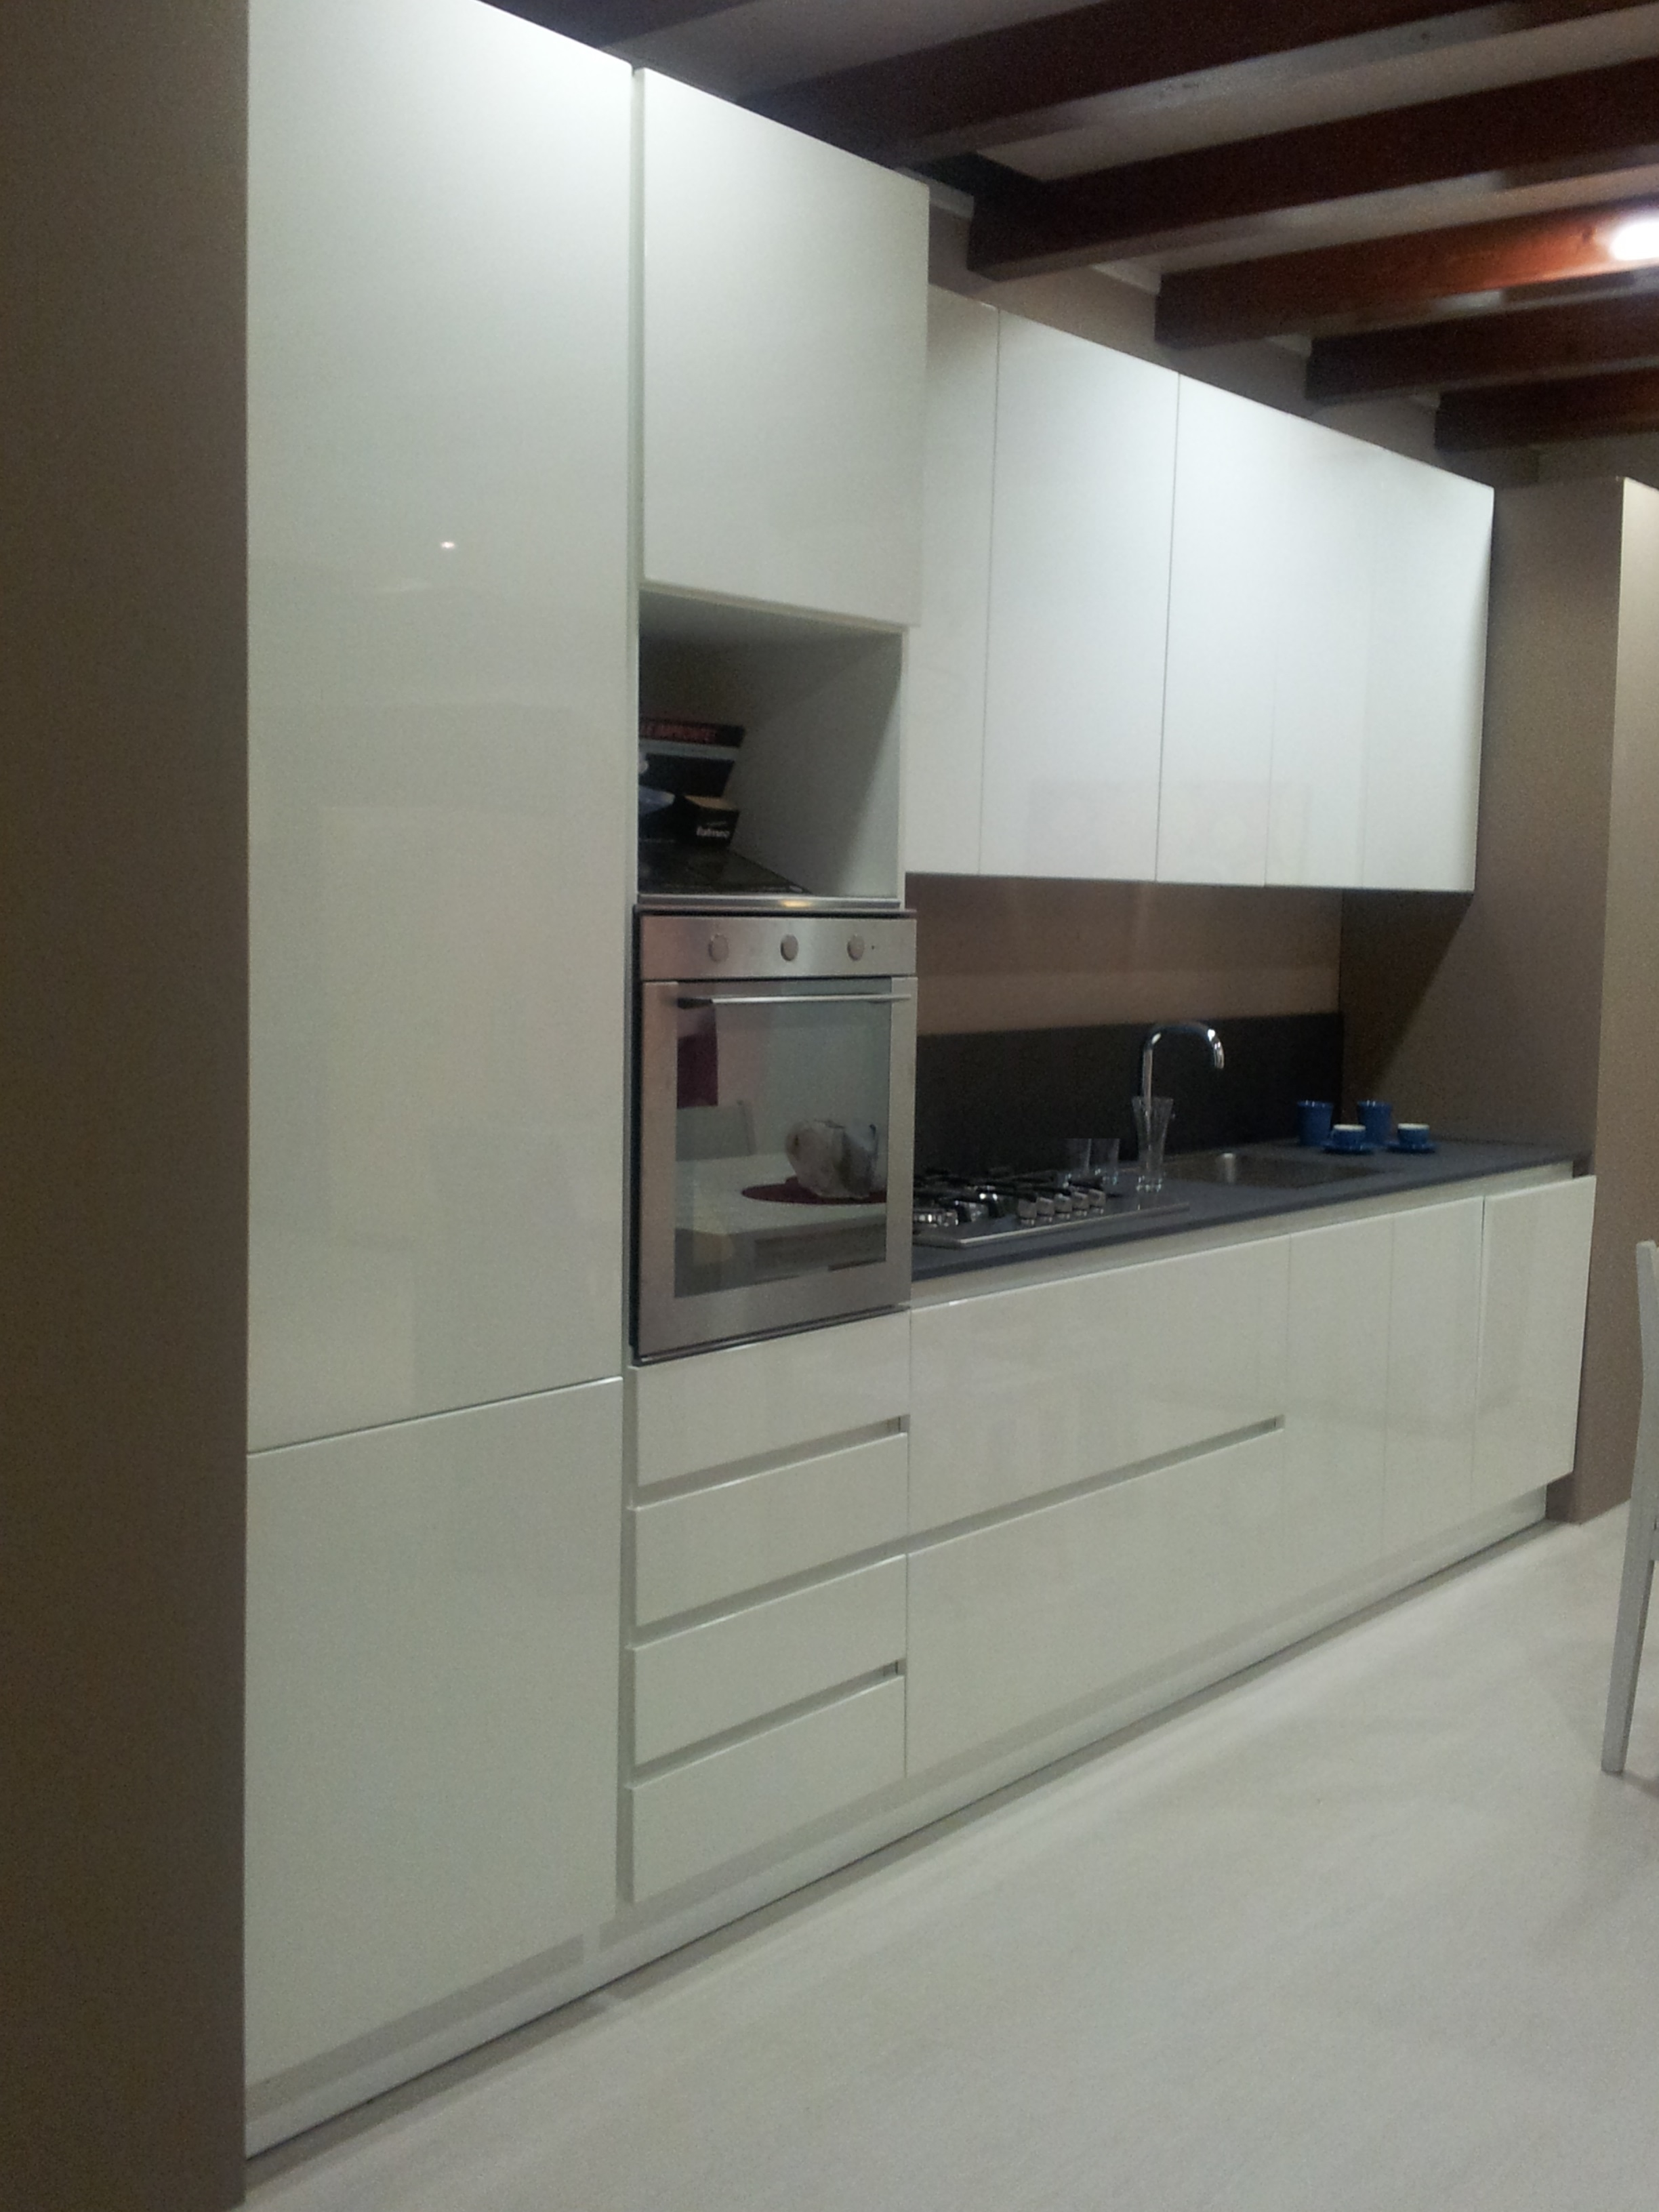 Promozione Cucina Zampieri Cucine 20884 Cucine A